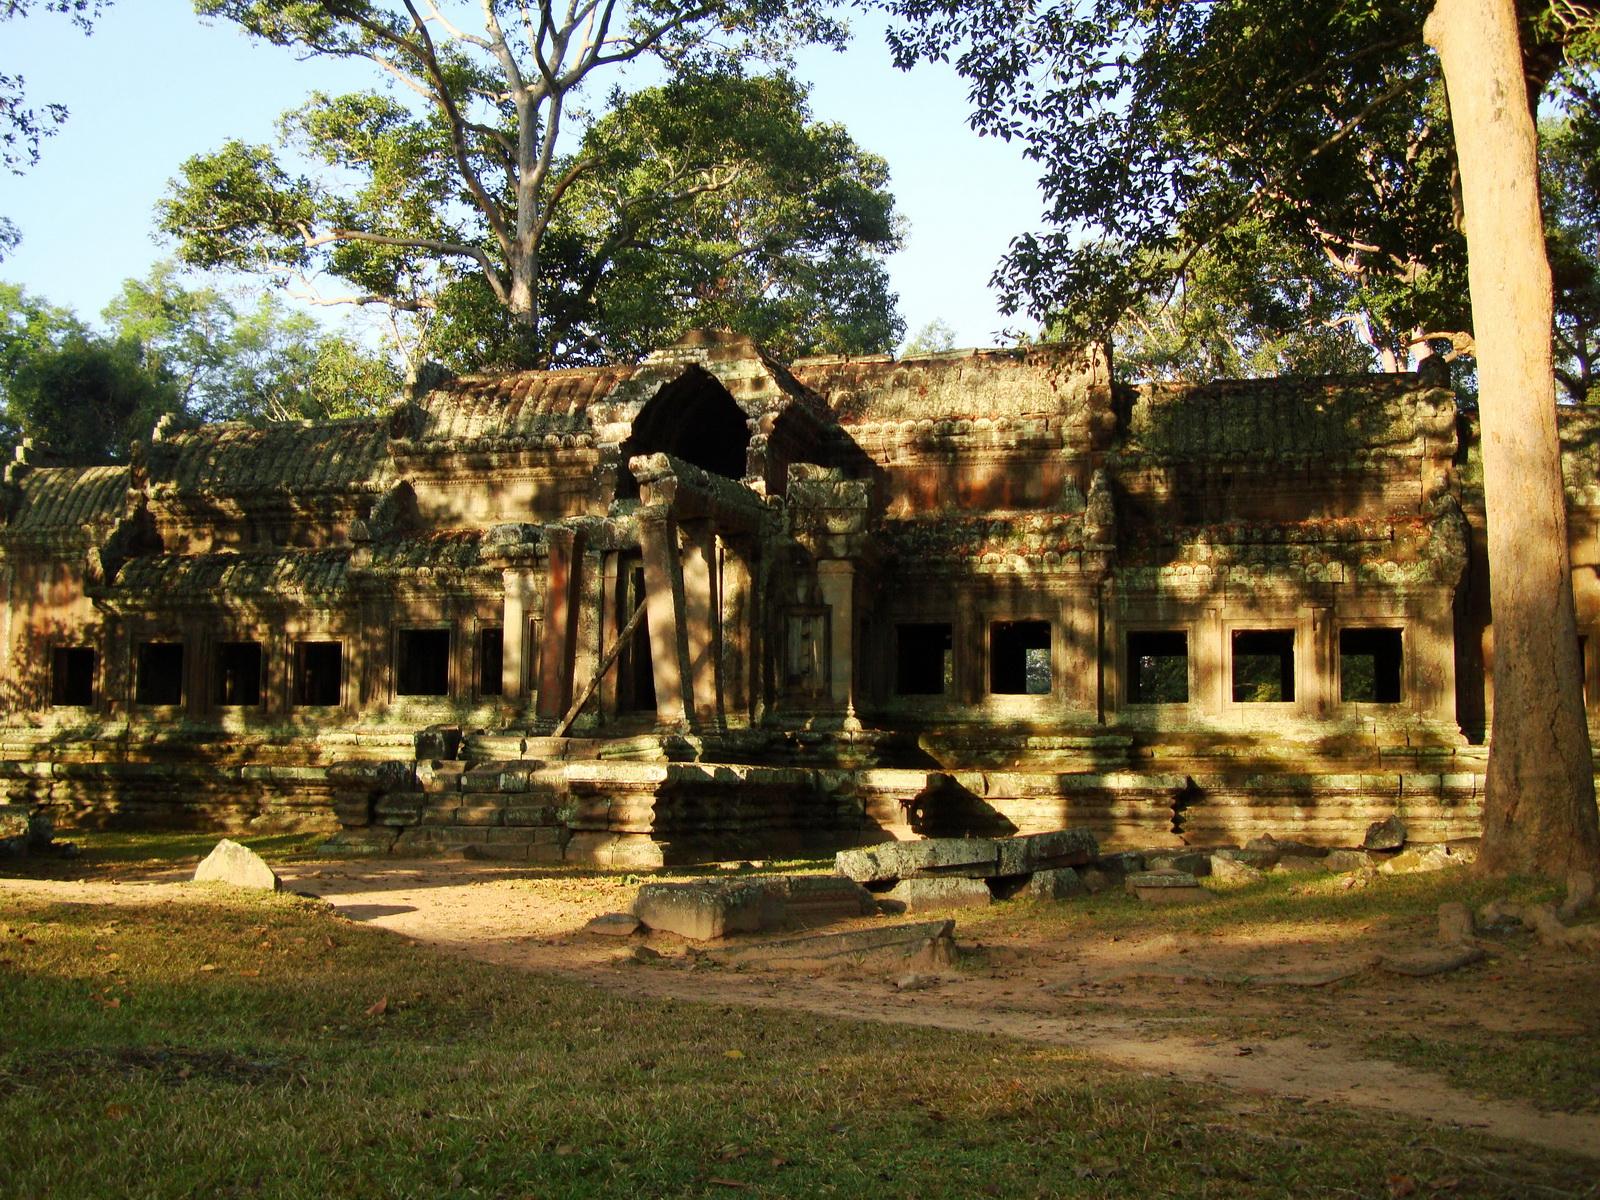 Angkor Wat approaches outer eastern Gopura Angkor Siem Reap 01